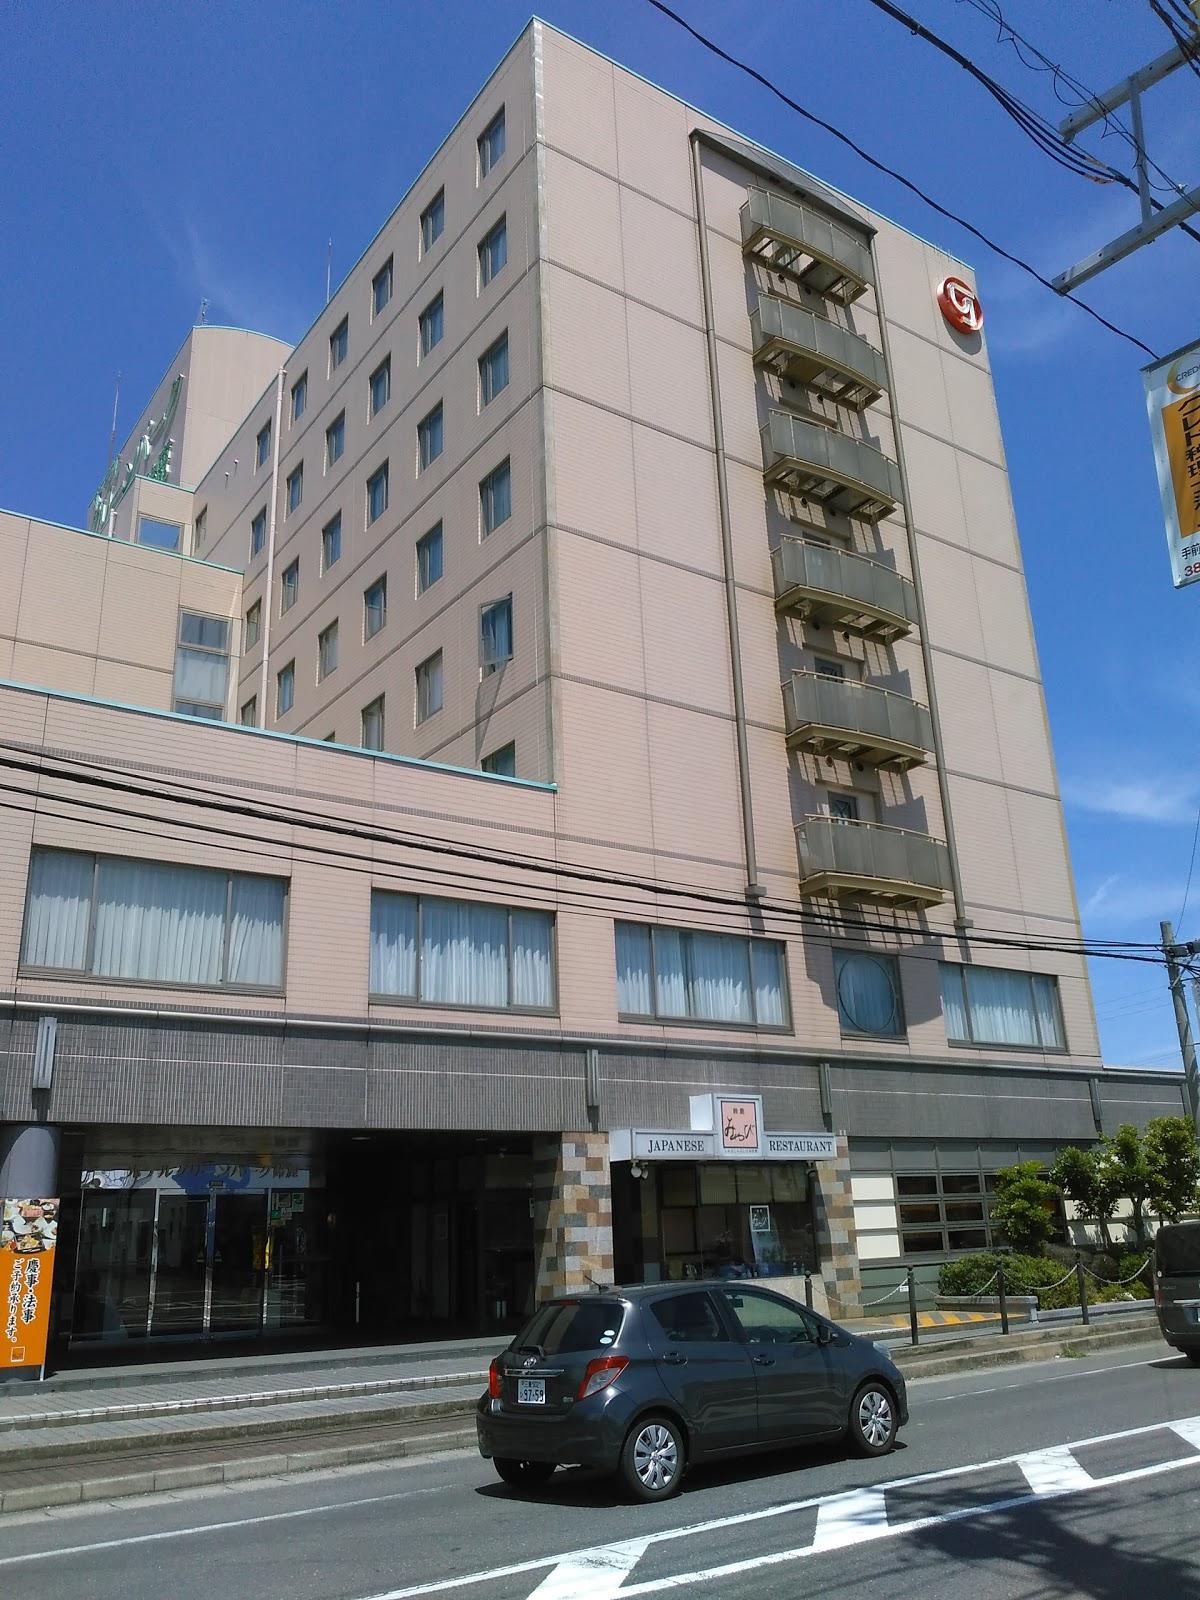 Uoyo Suzuka Japan Tripcarta